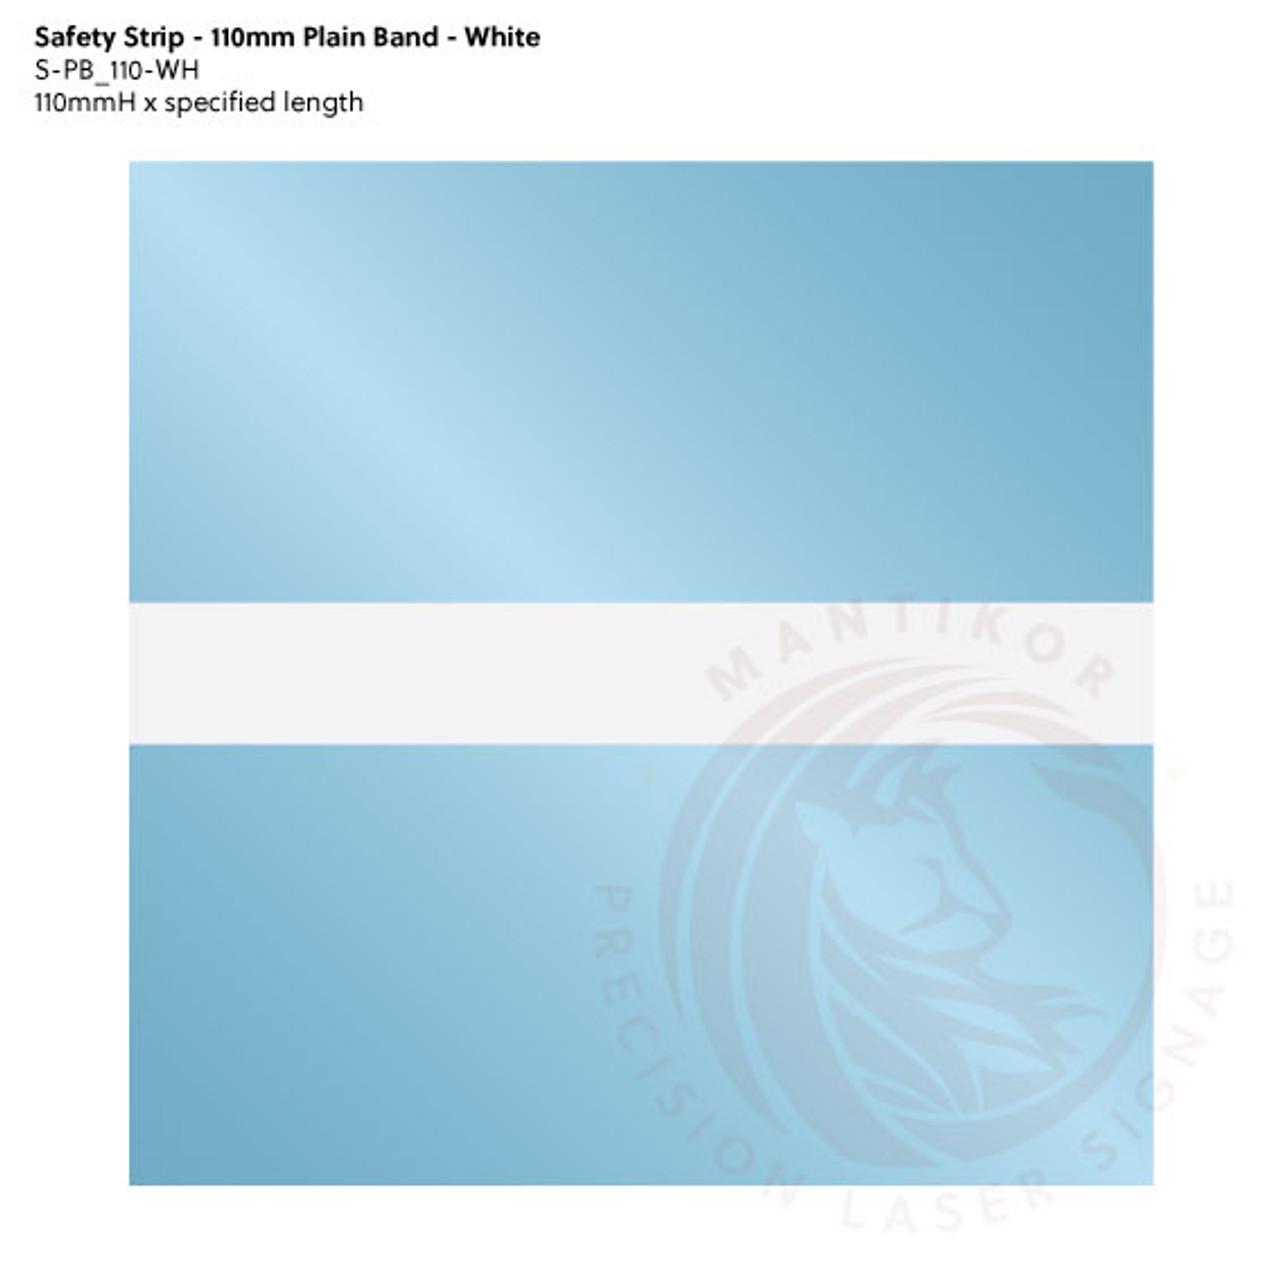 Visibility Strip - 110mm Plain Band - White